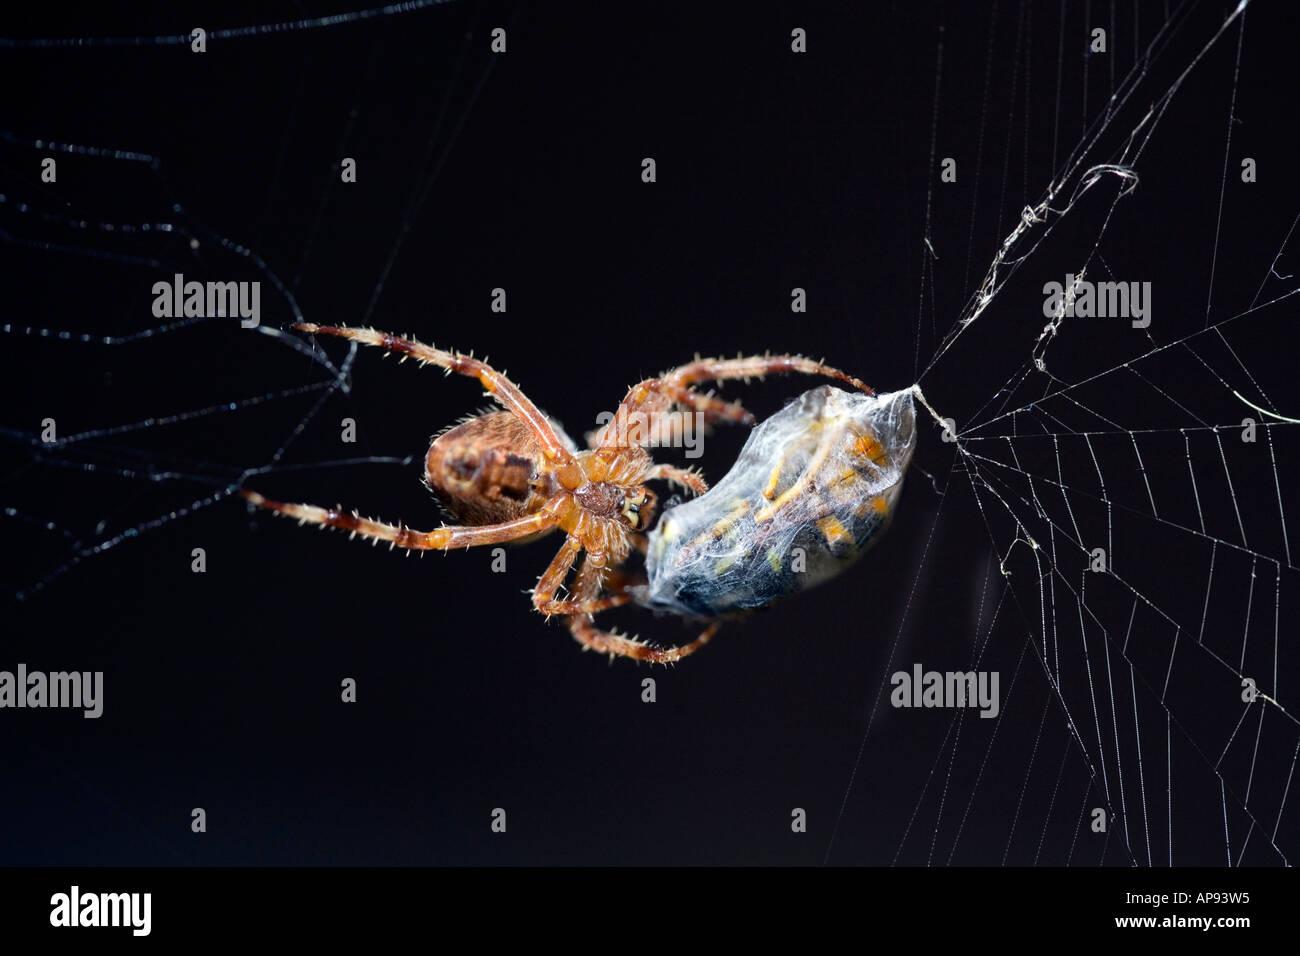 Una araña de jardín europeo con una avispa acabadas listo para comer Imagen De Stock